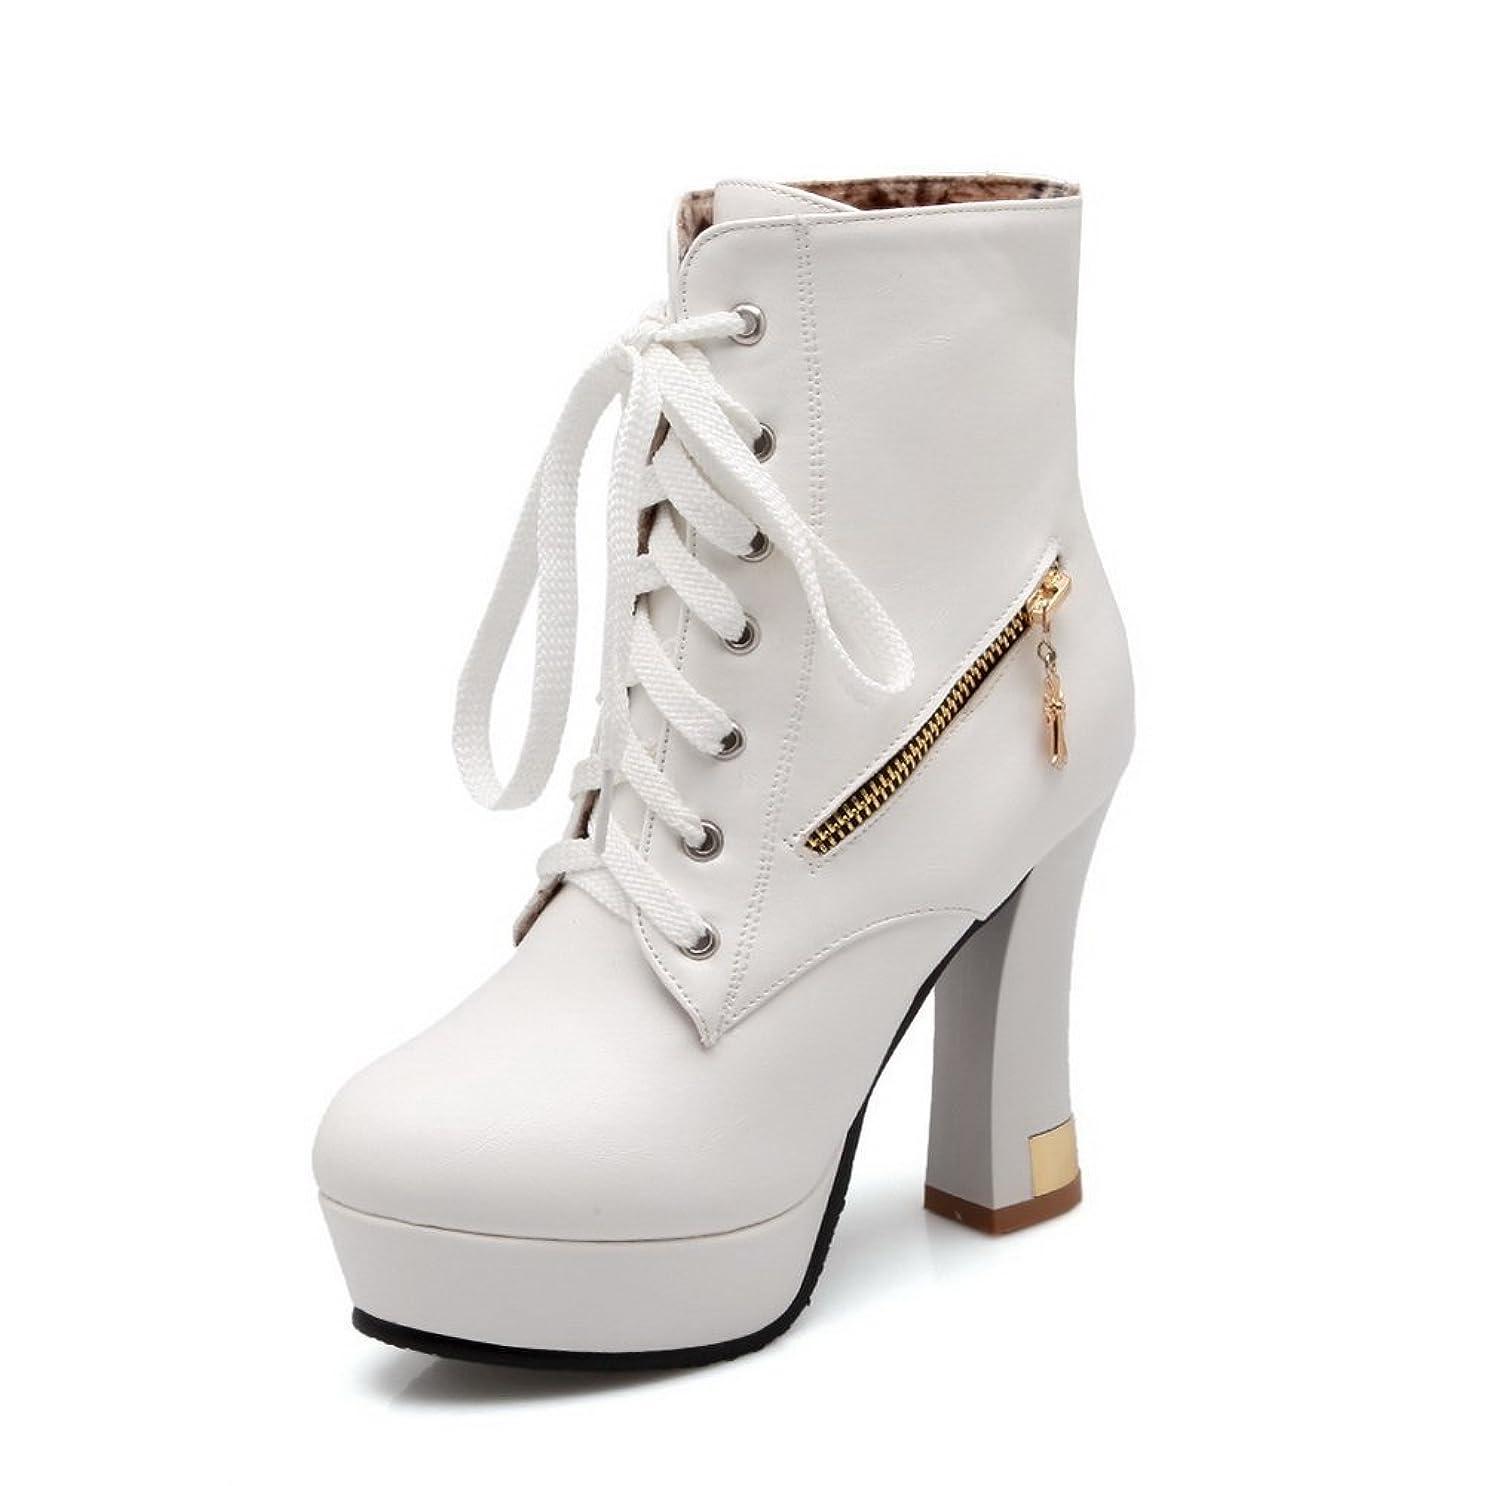 間隔長老アプライアンスA&N 女性 プラットフォーム ラウンドトゥ クロスストラップ ホワイト Puの皮 ブーツ?ブーティ - 22.5cm